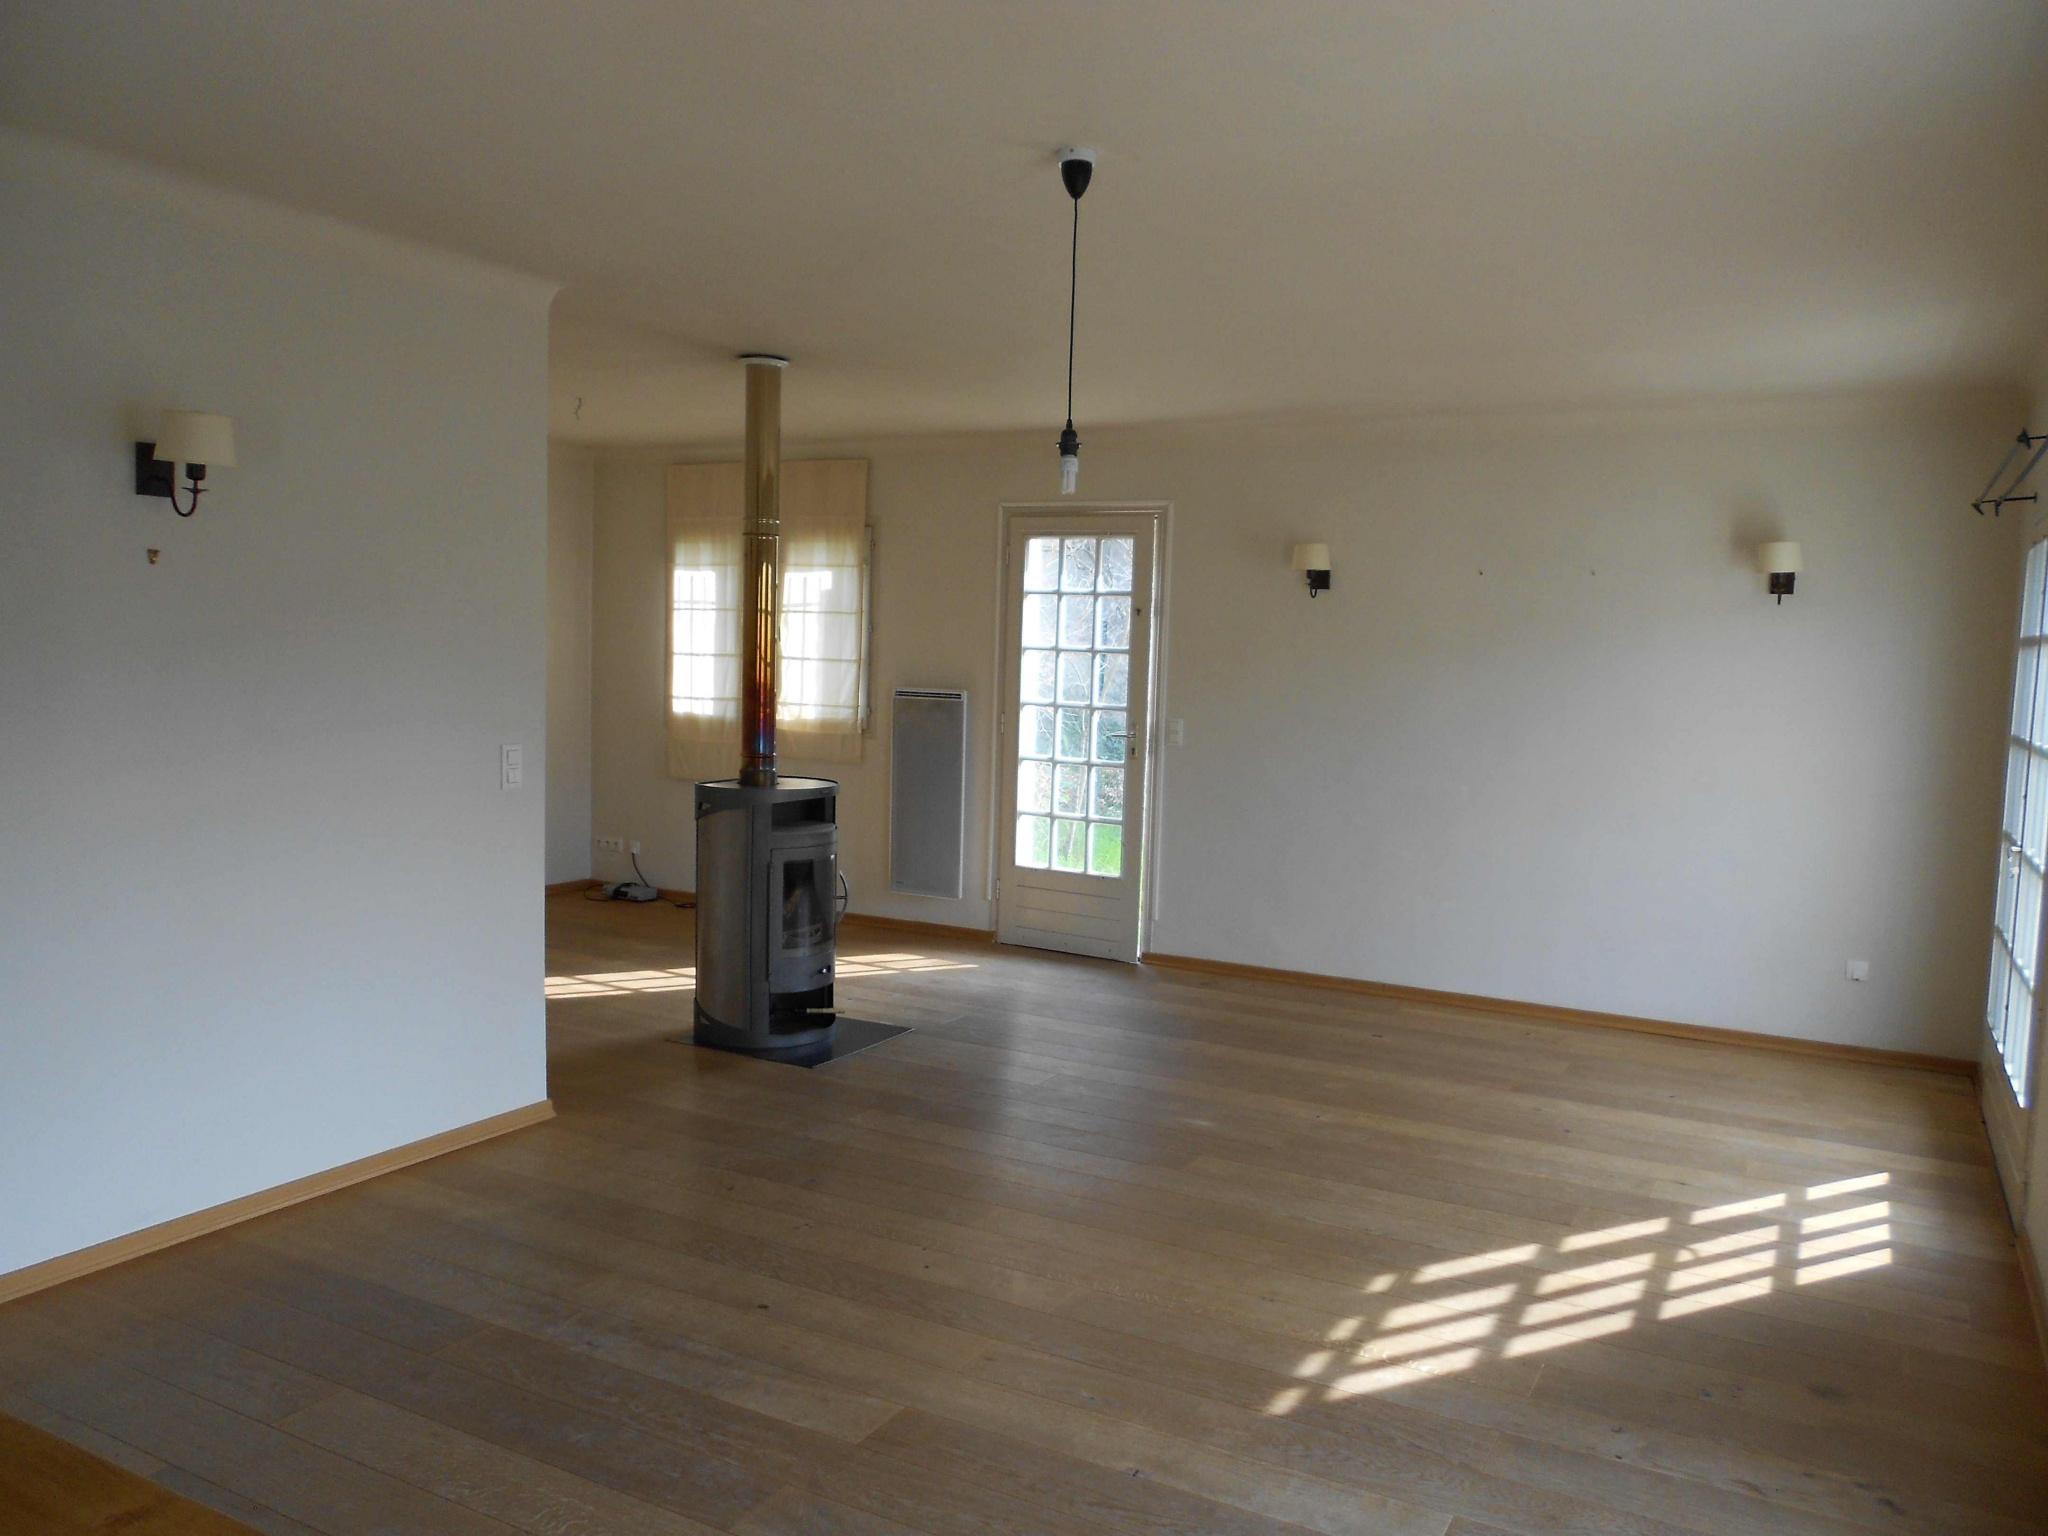 location nimes montpellier et plus appartements et. Black Bedroom Furniture Sets. Home Design Ideas